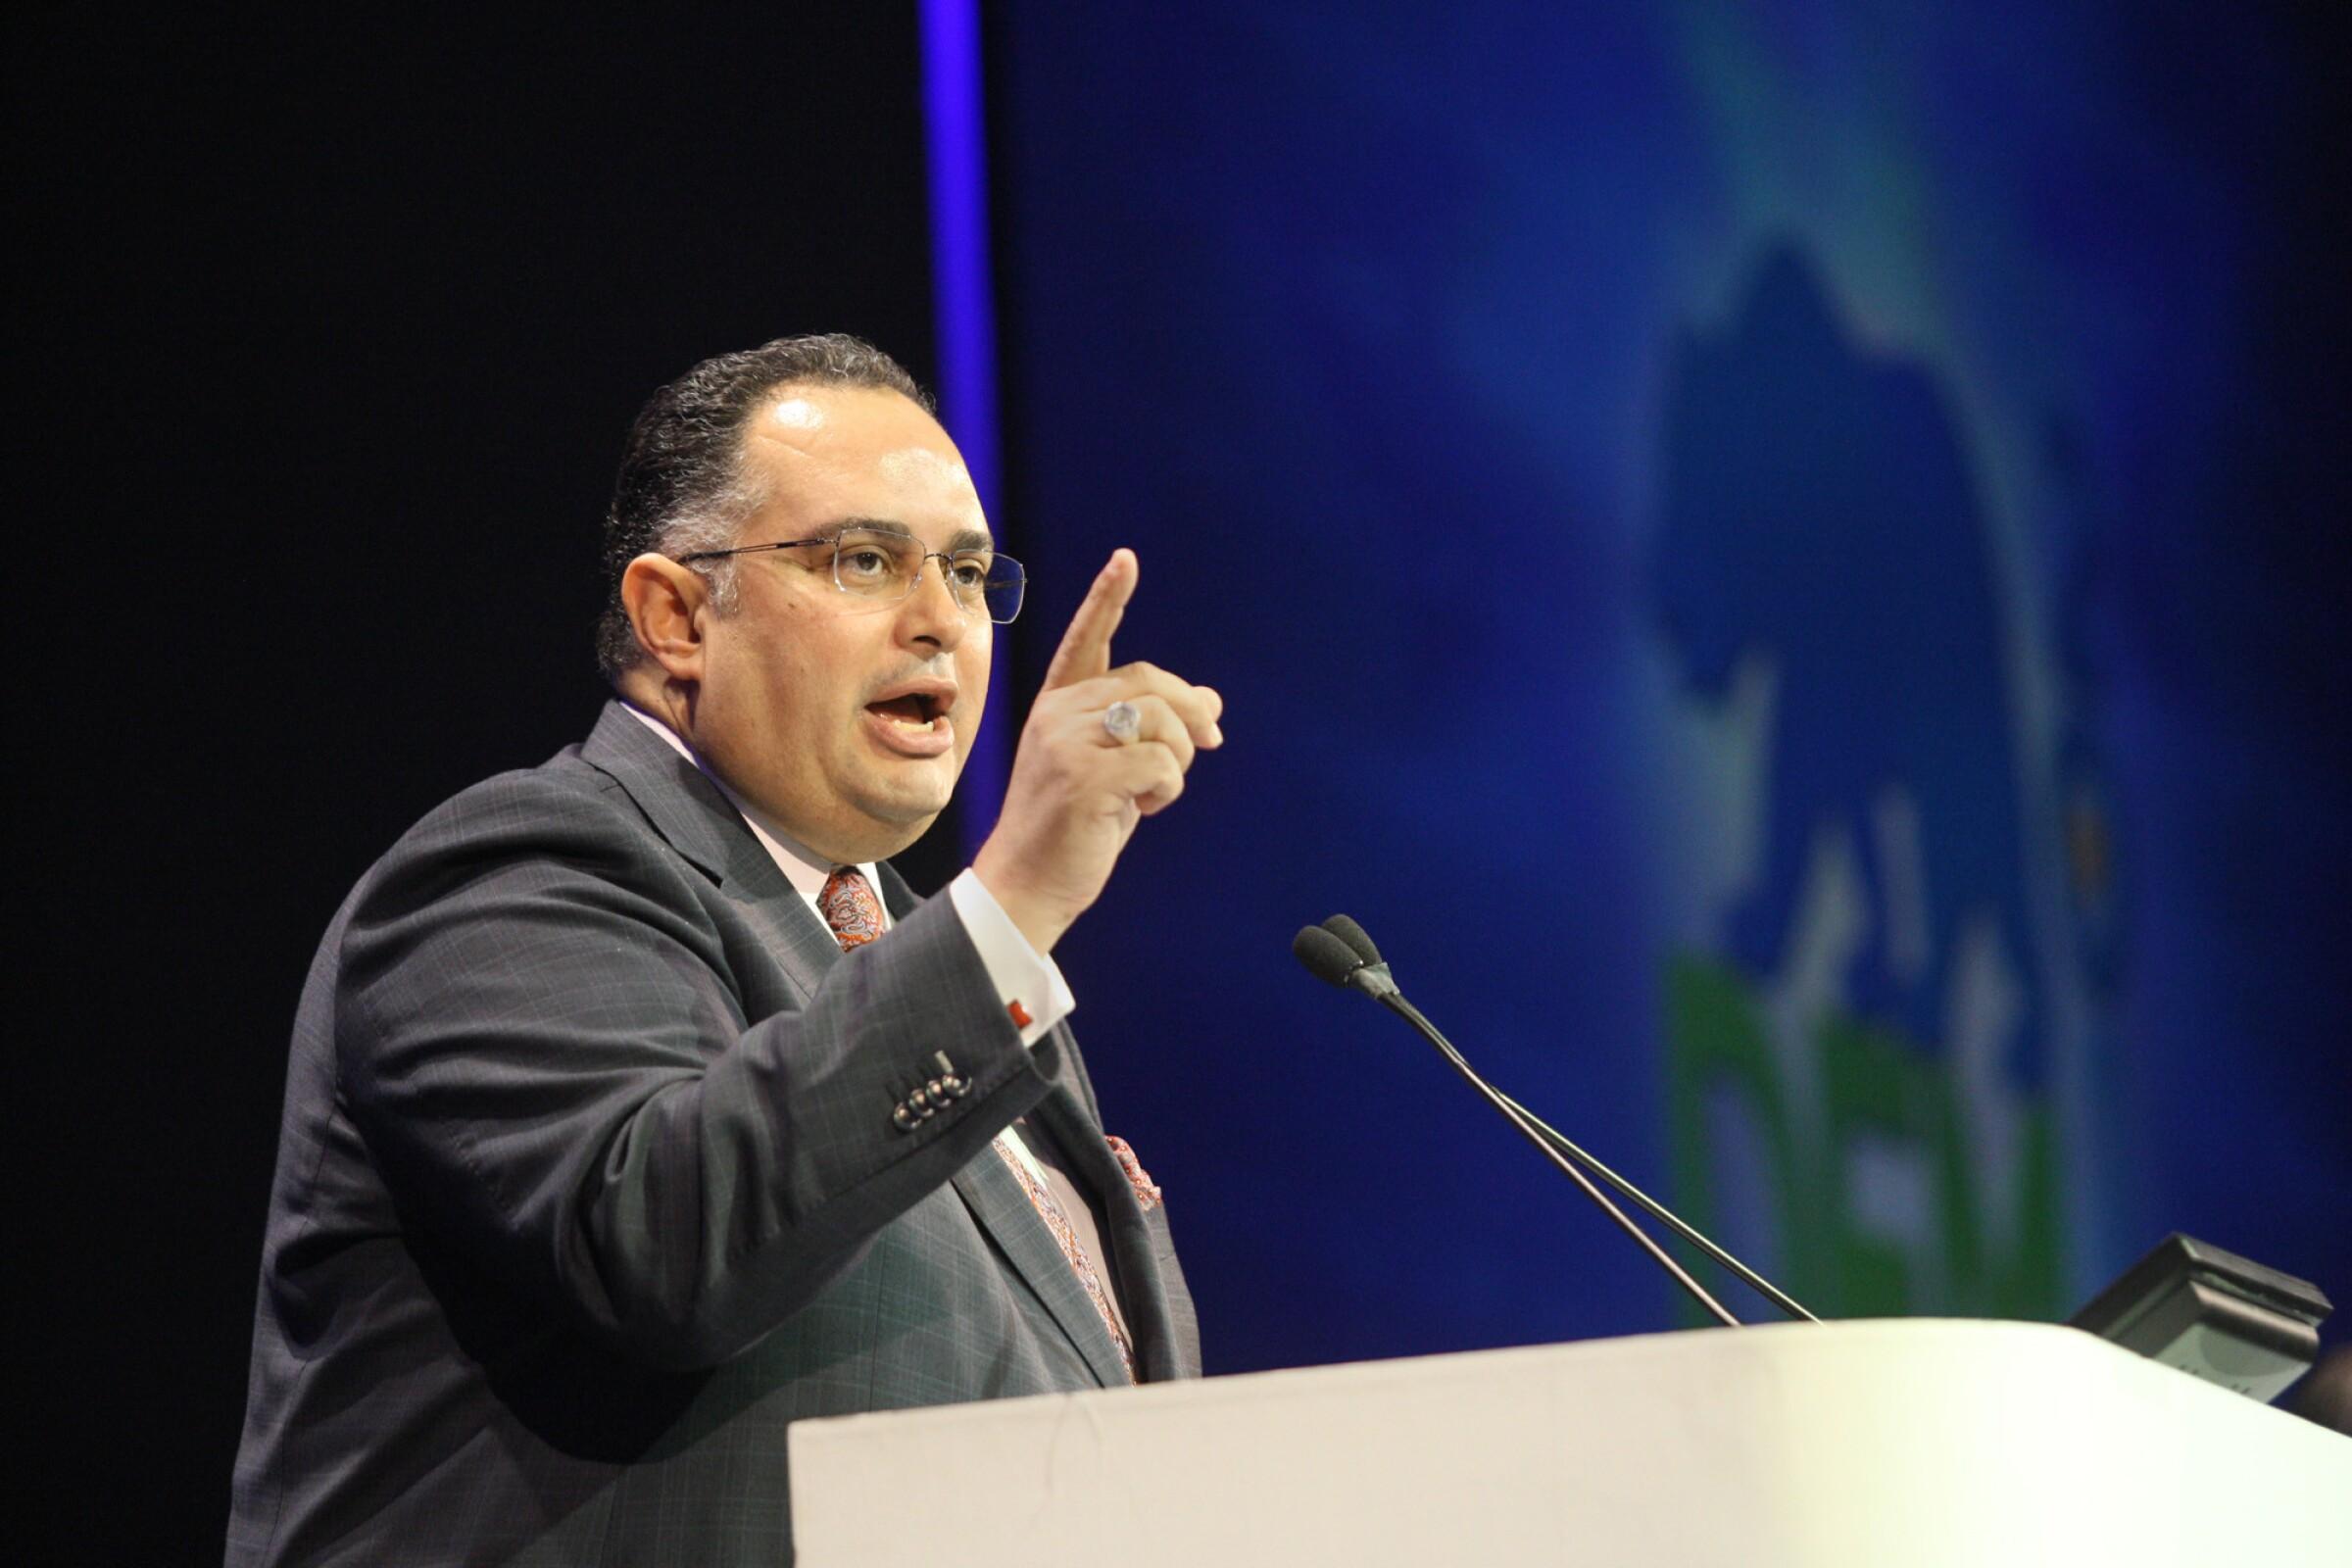 UC Board of Regents Chairman John A. Pérez